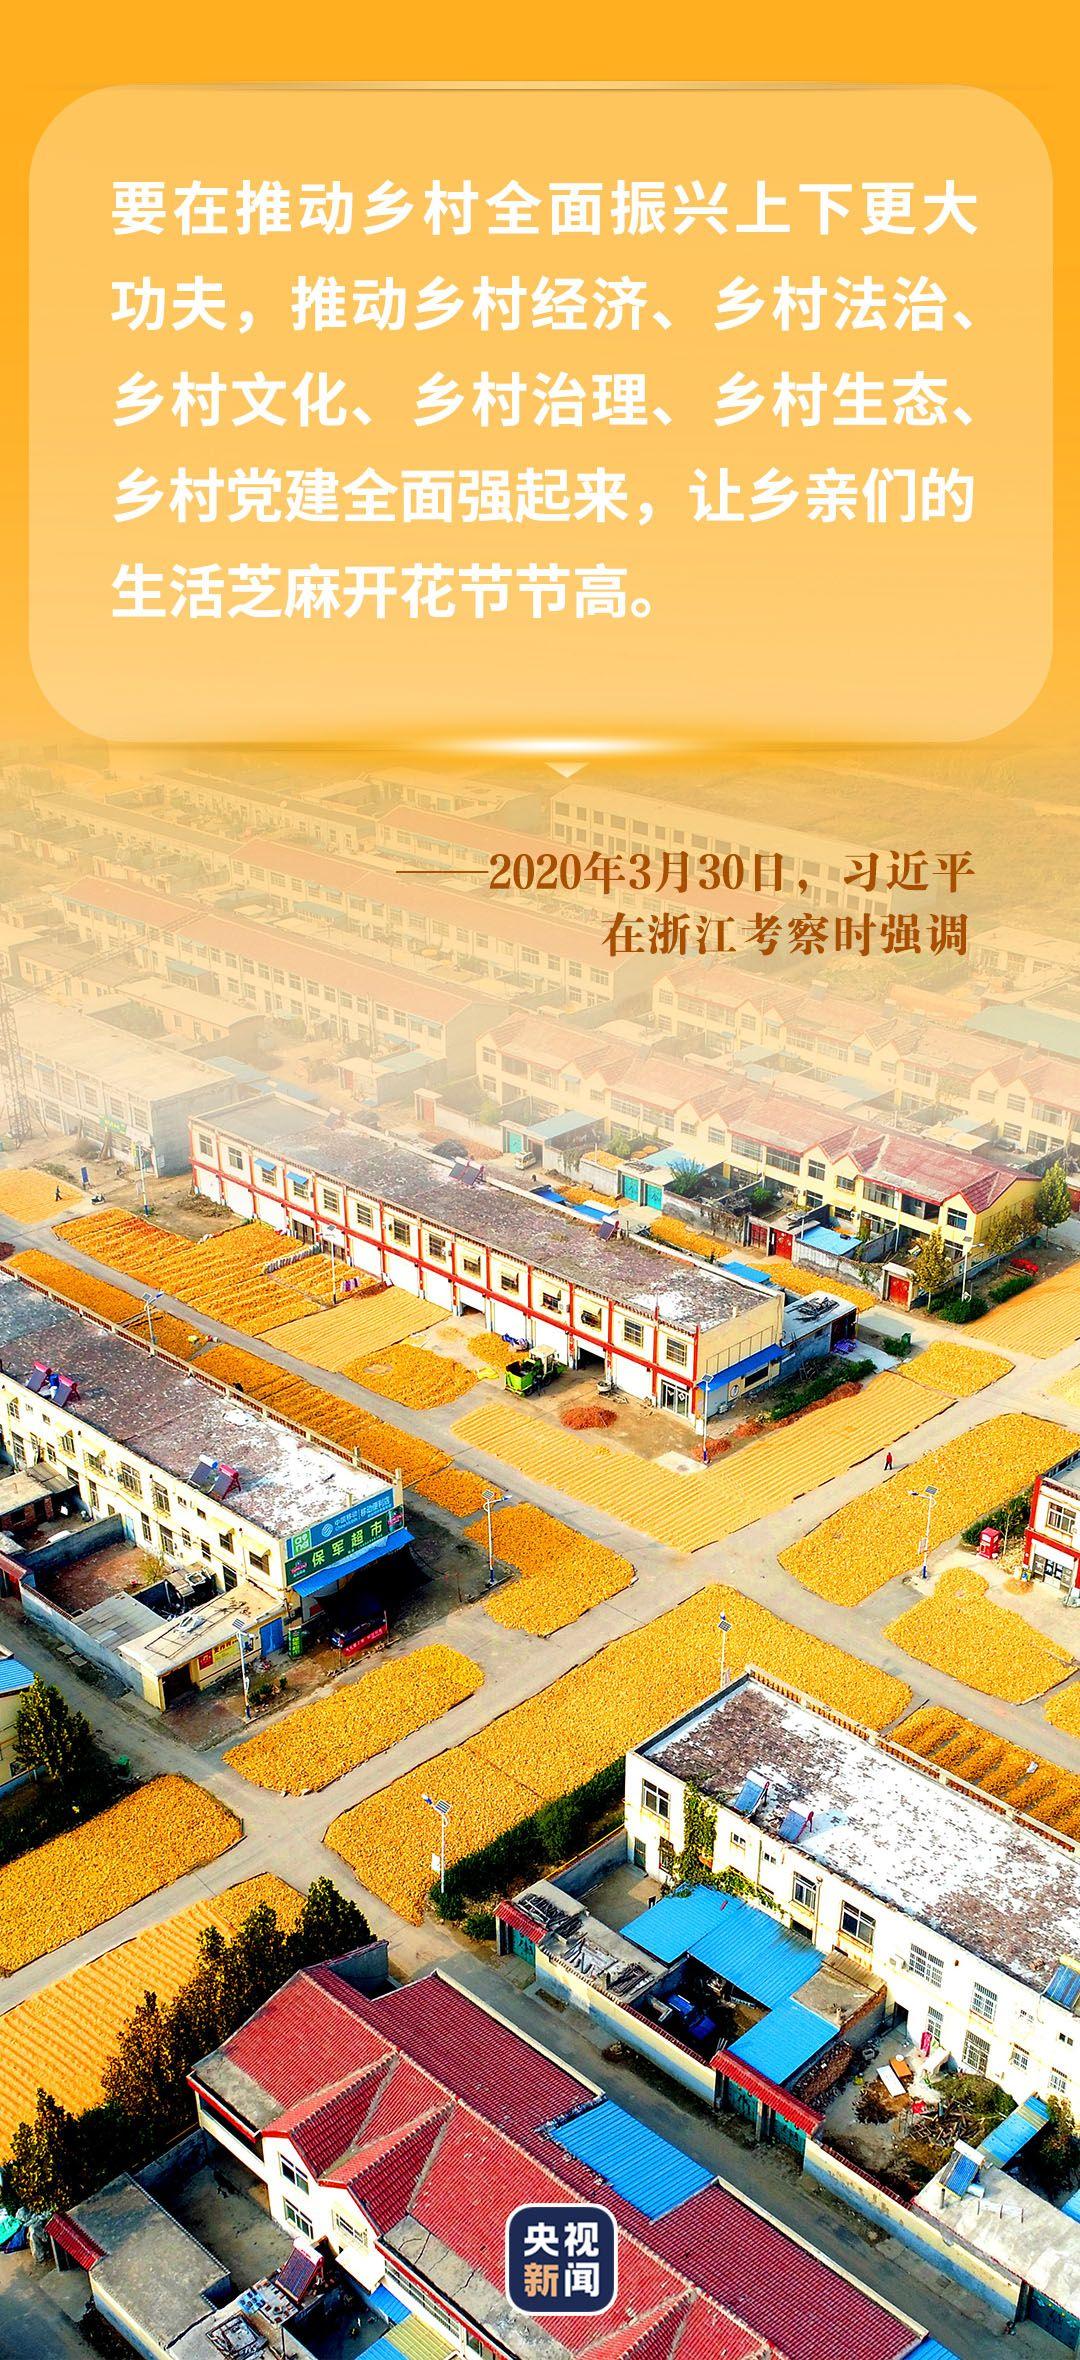 疫情通报|12月23日贵州省新冠肺炎疫情信息发布